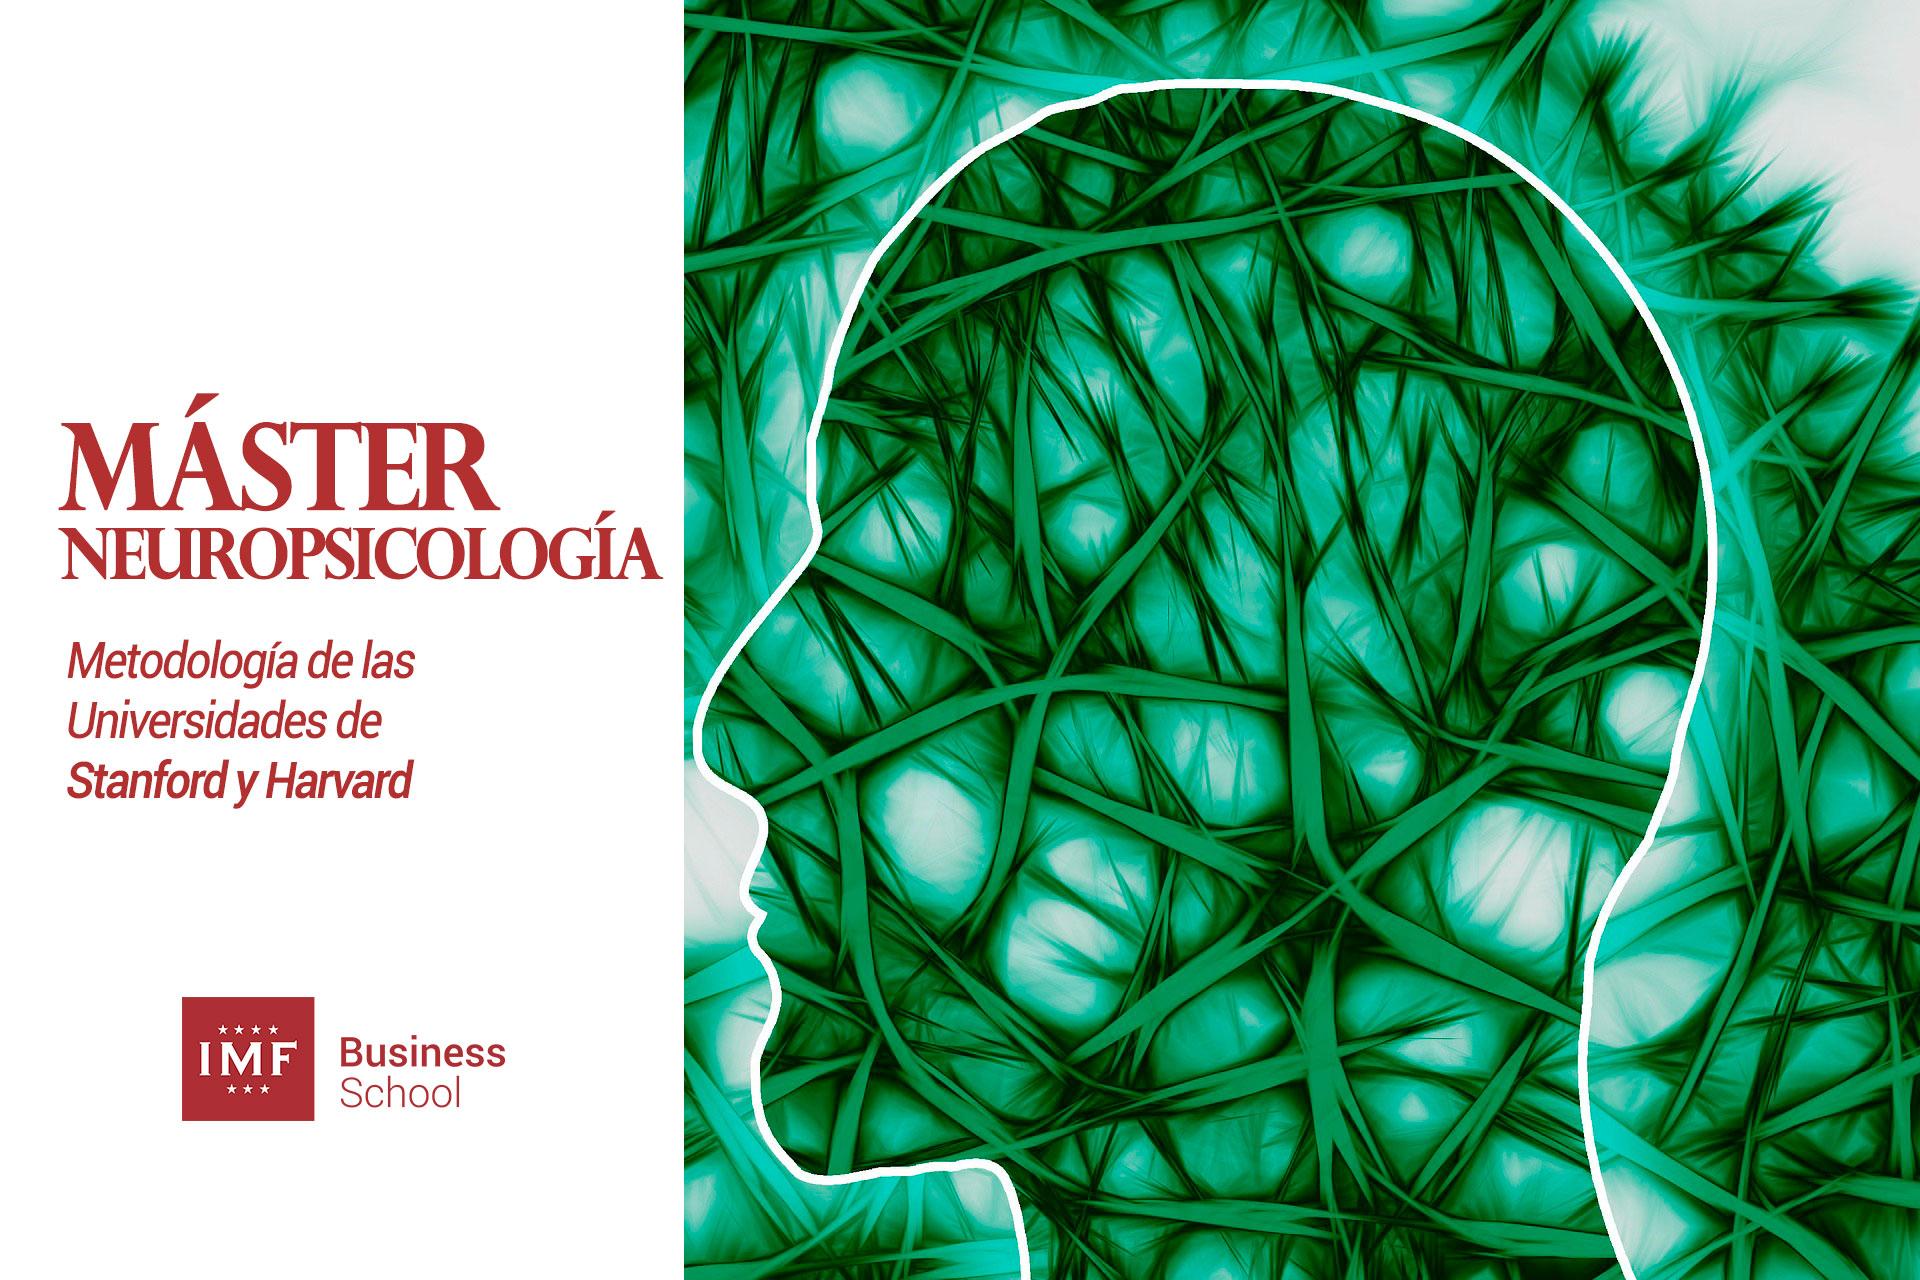 Master Neuropsicología